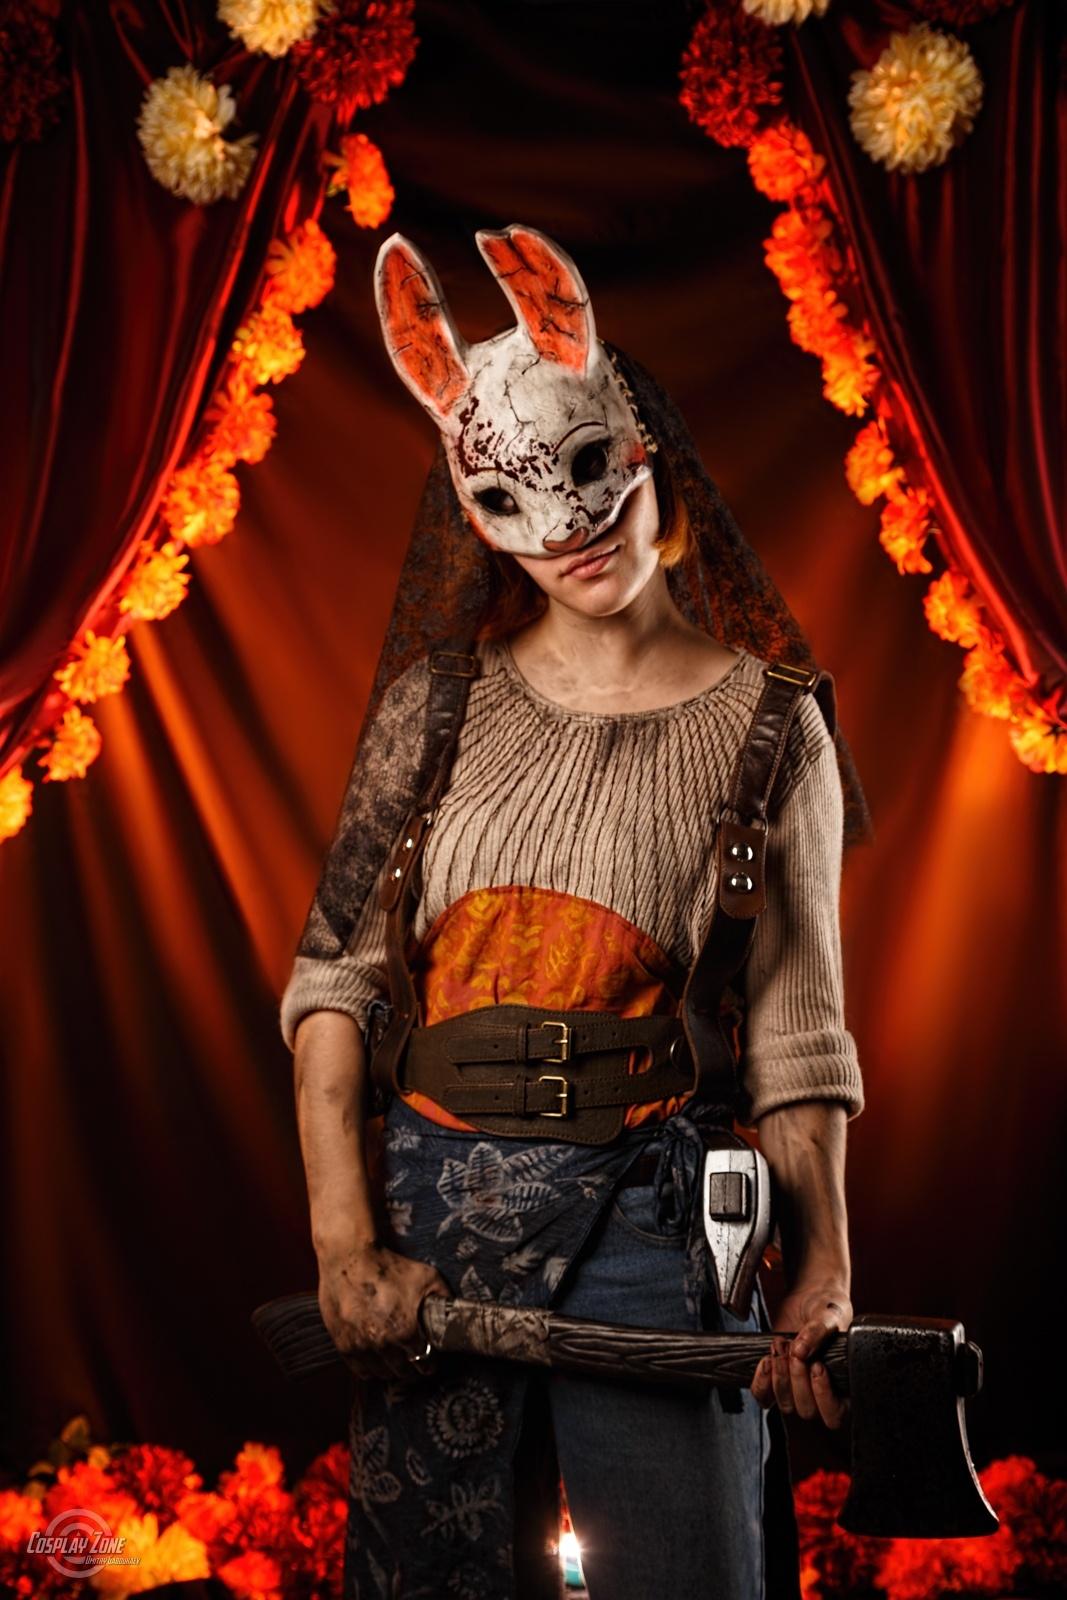 Правильный косплей — лучшие костюмы на Хэллоуин 2020